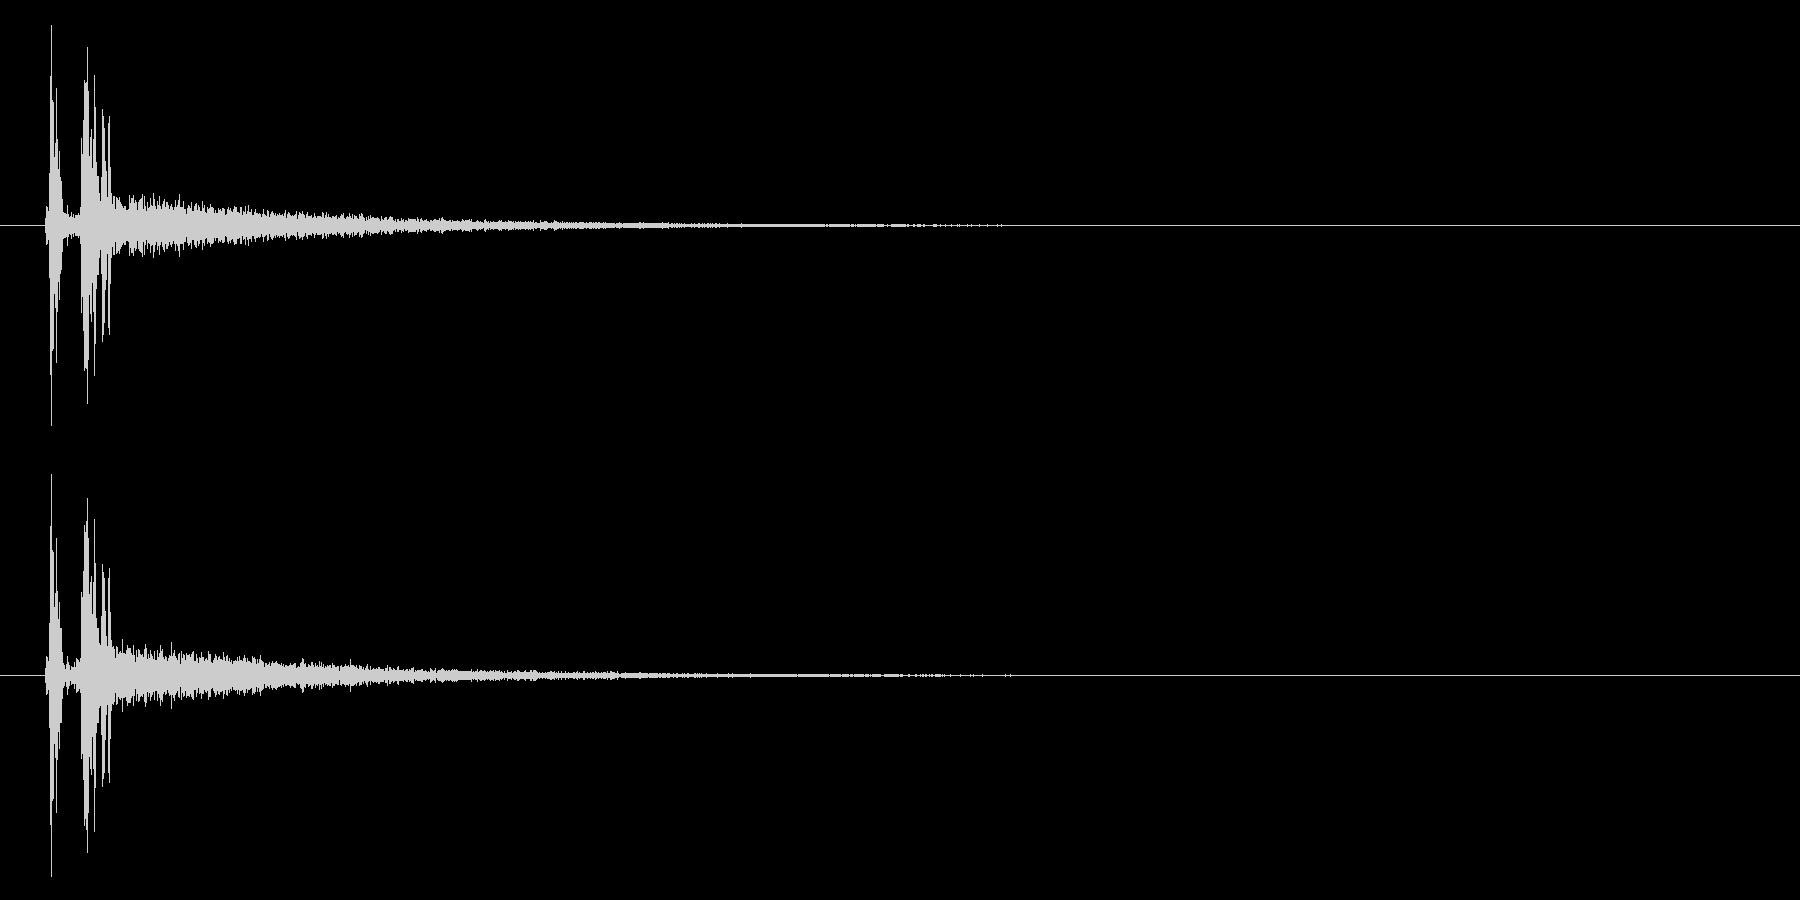 カメラ コンデジ01-03(シャッター)の未再生の波形